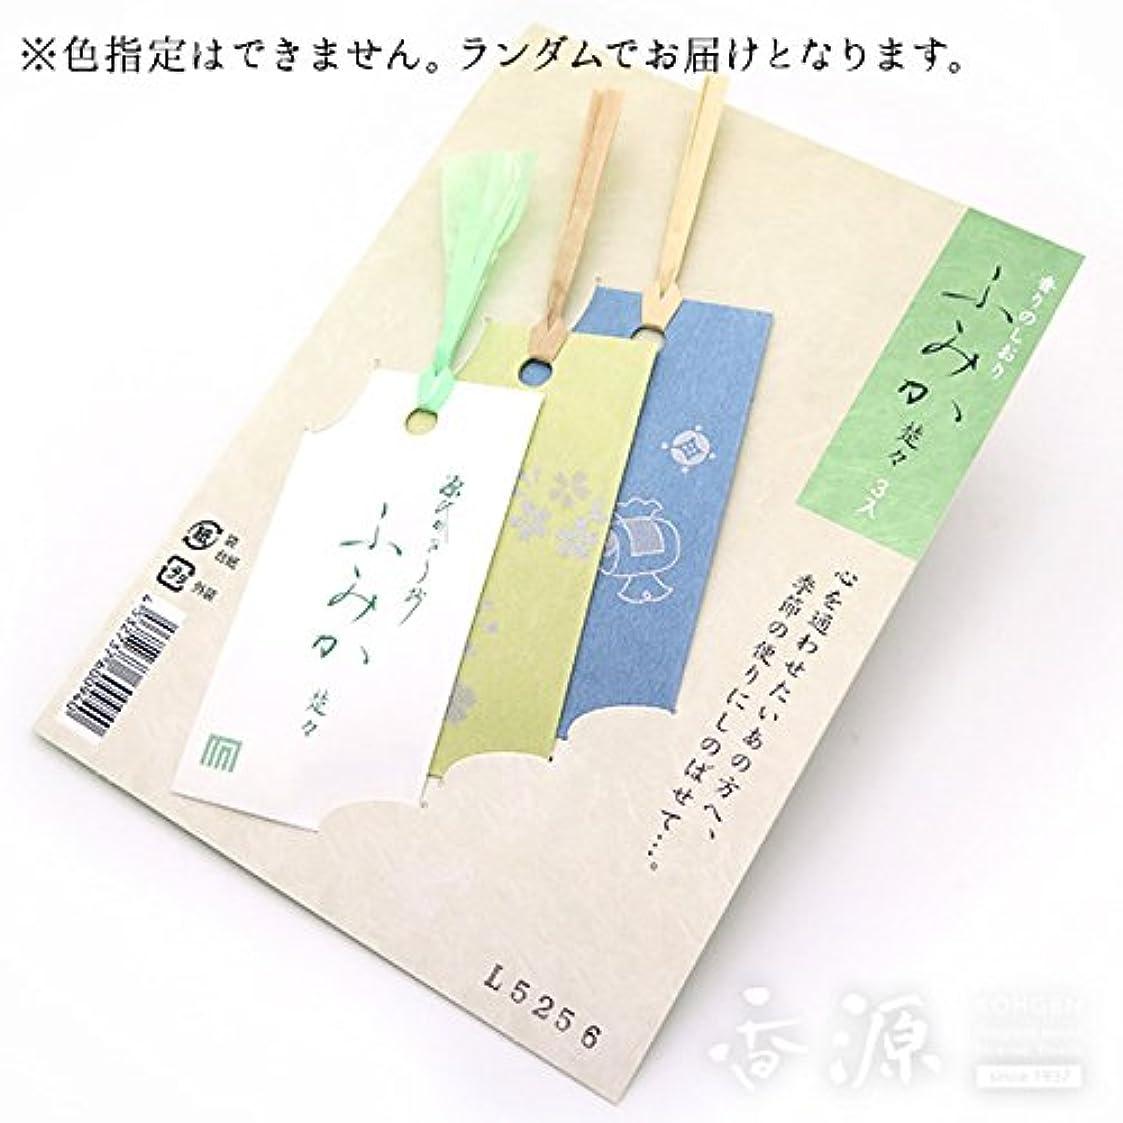 ルアーバスルームヒステリック松栄堂 源氏かおり抄 『ふみか楚々』3入